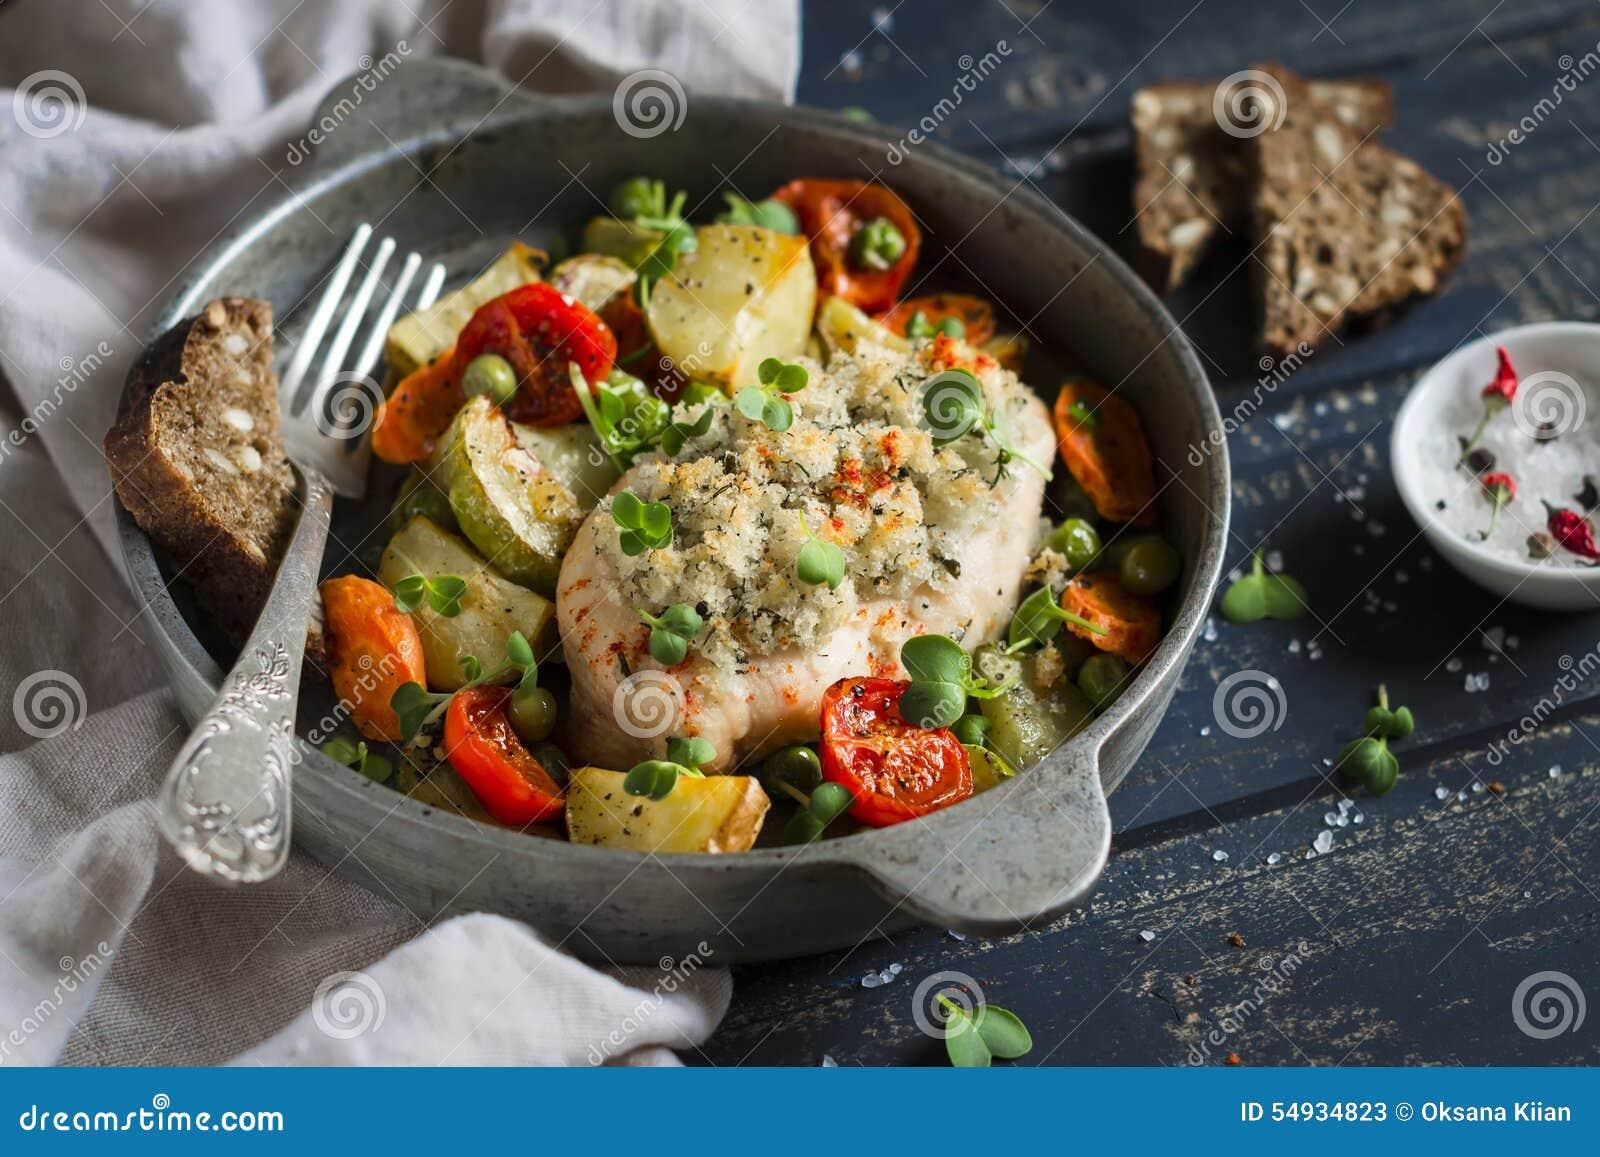 Le filet de poulet a fait cuire au four avec des l gumes dans un scourage de vintage photo stock - Filet de poulet au four ...